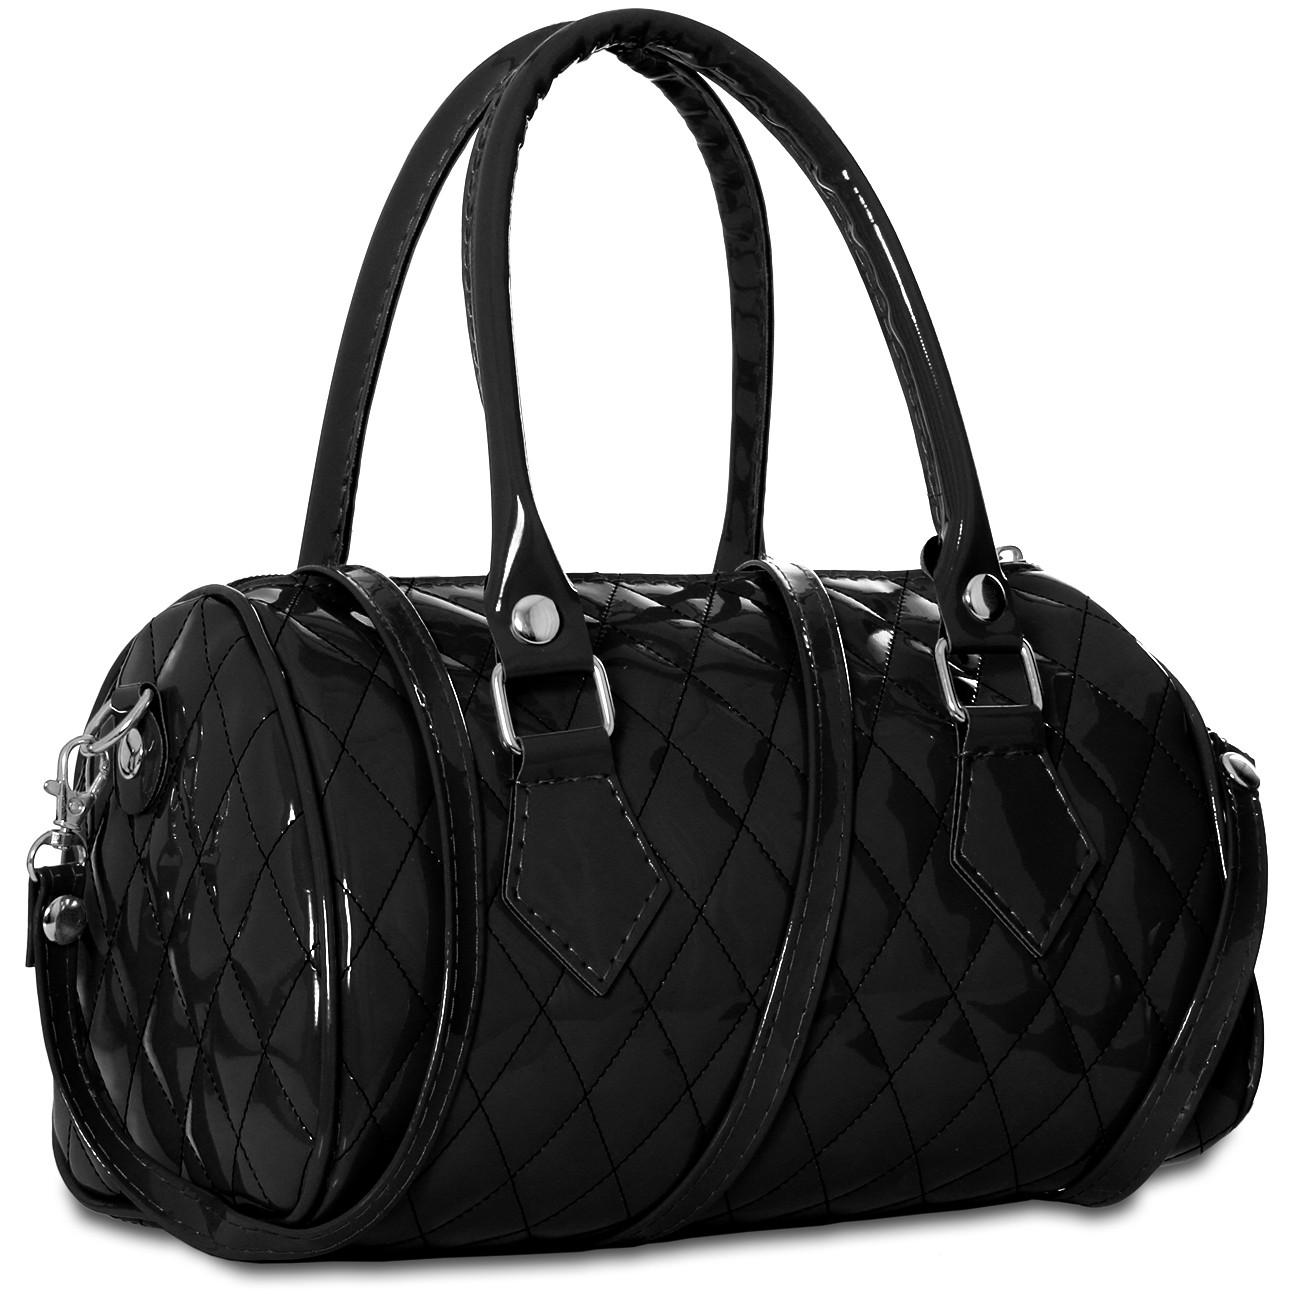 caspar kleine damen lack tasche handtasche henkeltasche bowlingtasche viele farben. Black Bedroom Furniture Sets. Home Design Ideas